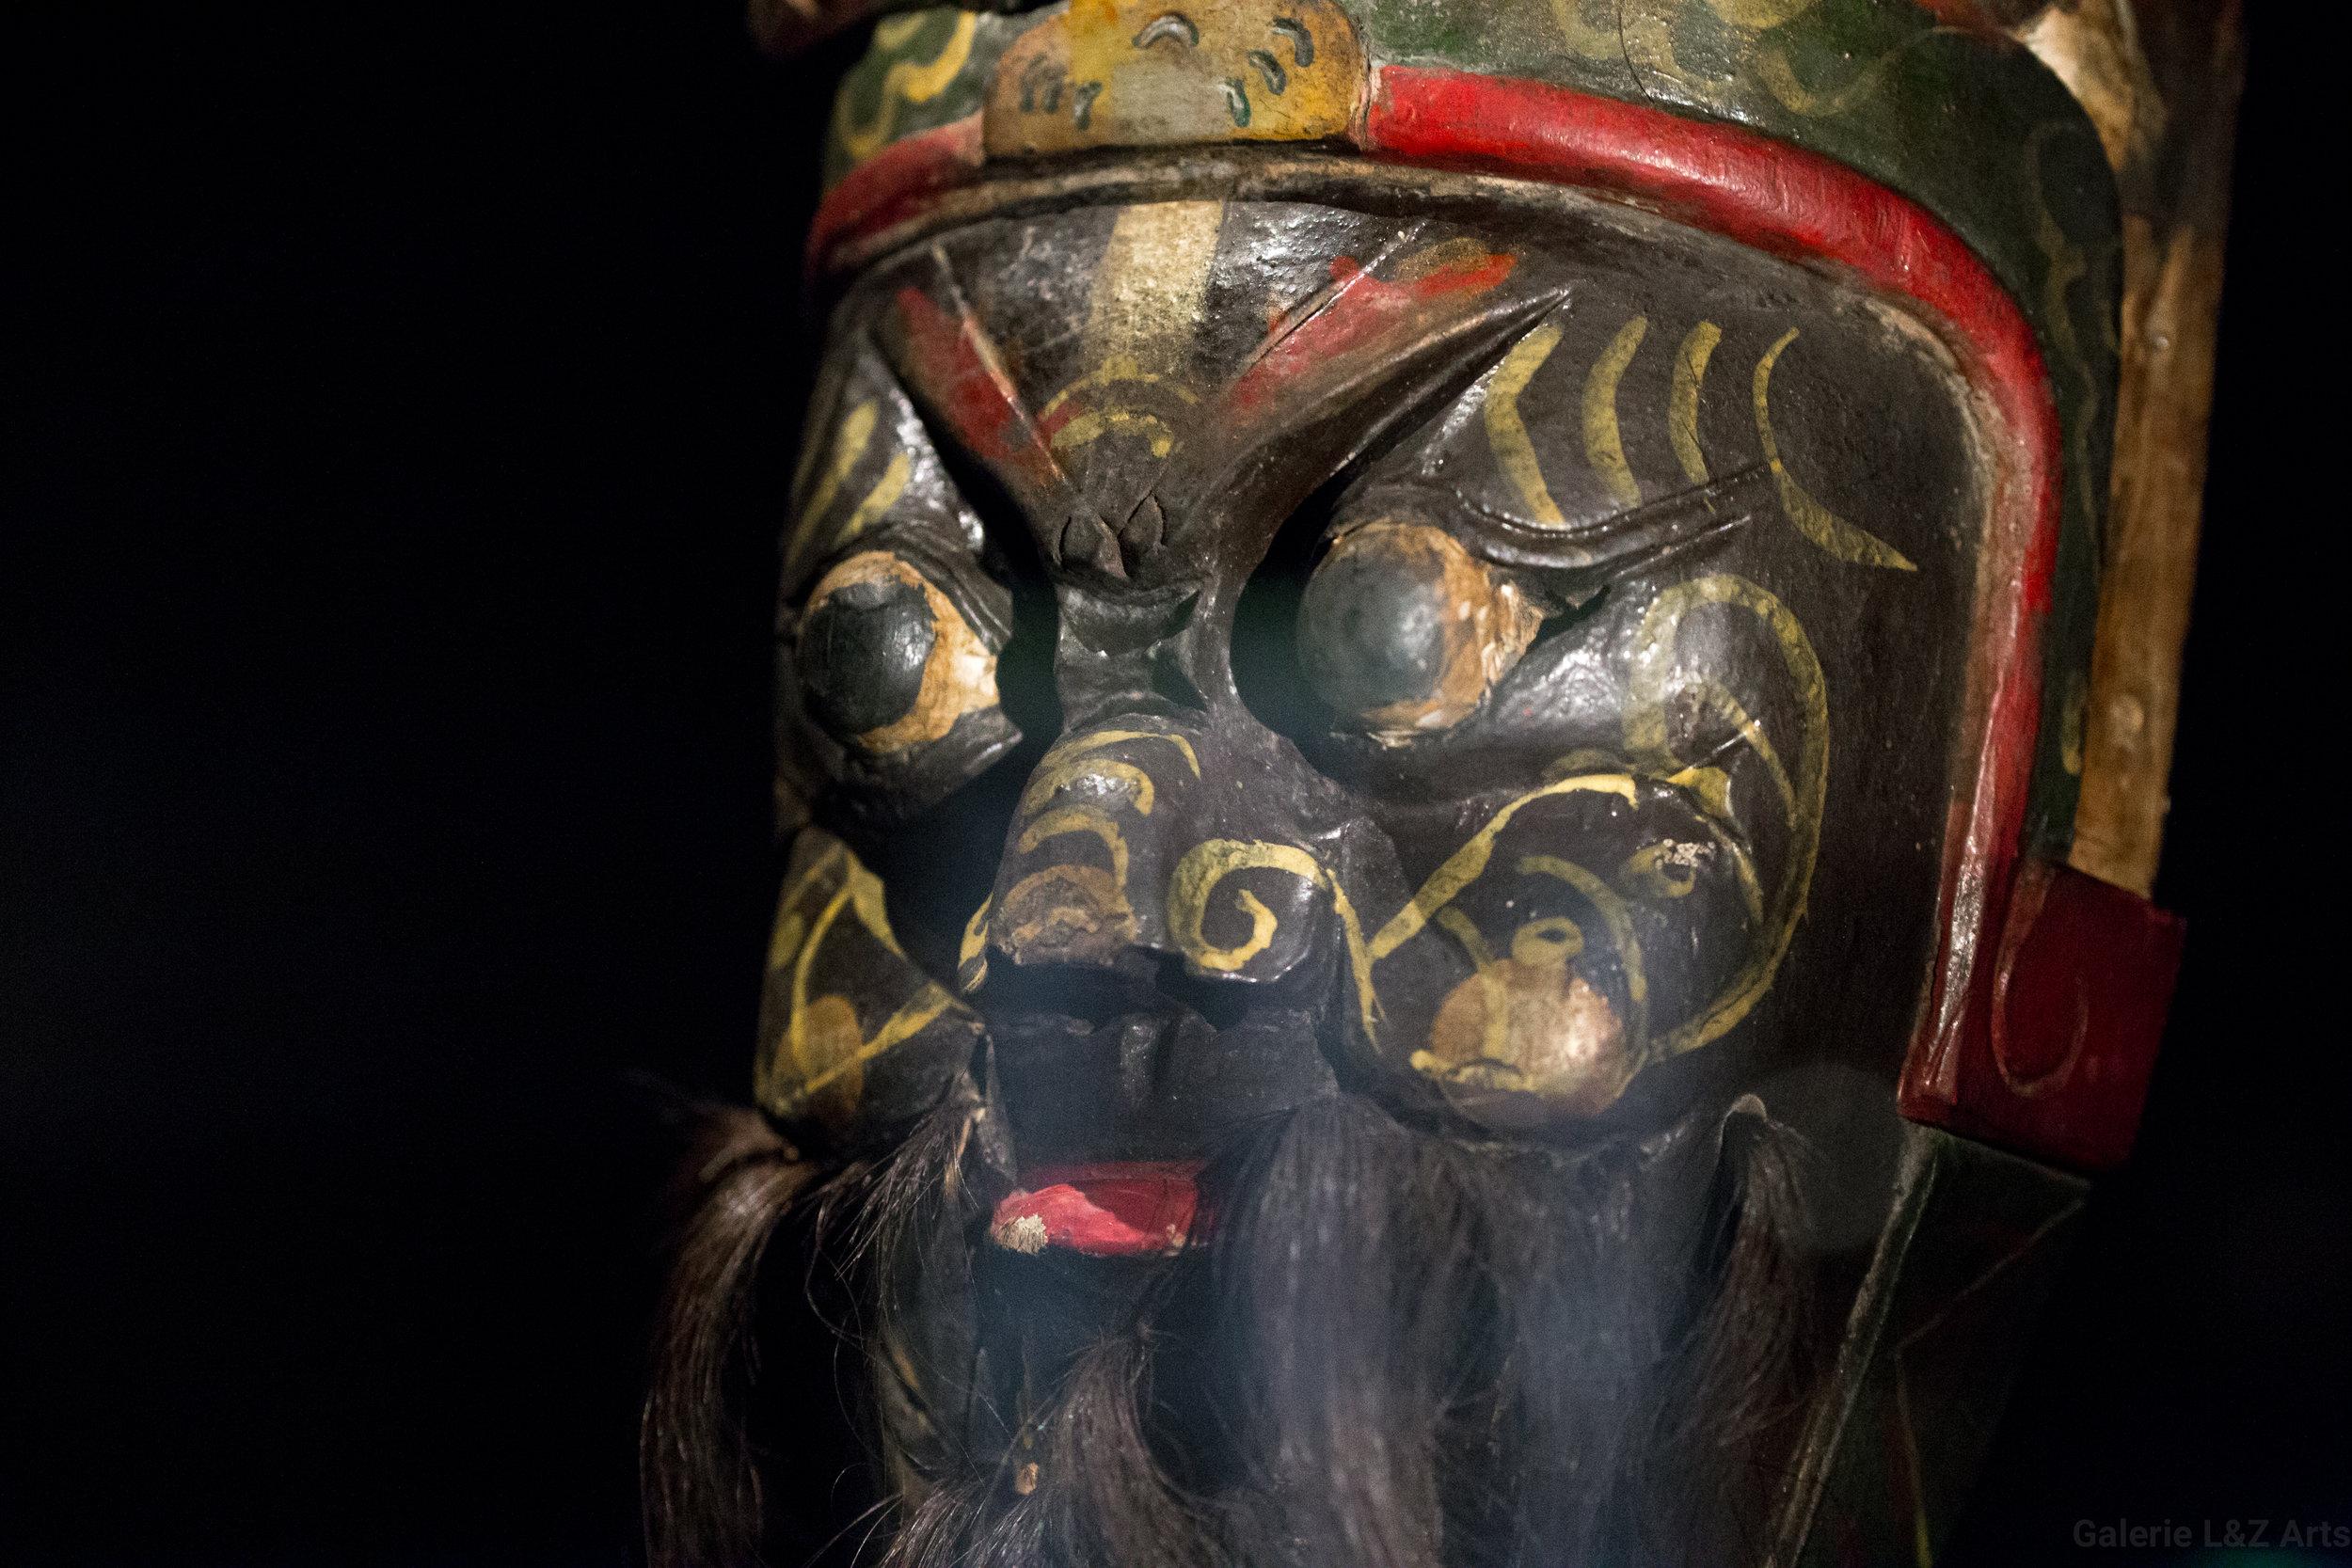 exposition-masque-art-tribal-africain-musee-quai-branly-belgique-galerie-lz-arts-liege-cite-miroir-oceanie-asie-japon-amerique-art-premier-nepal-36.jpg